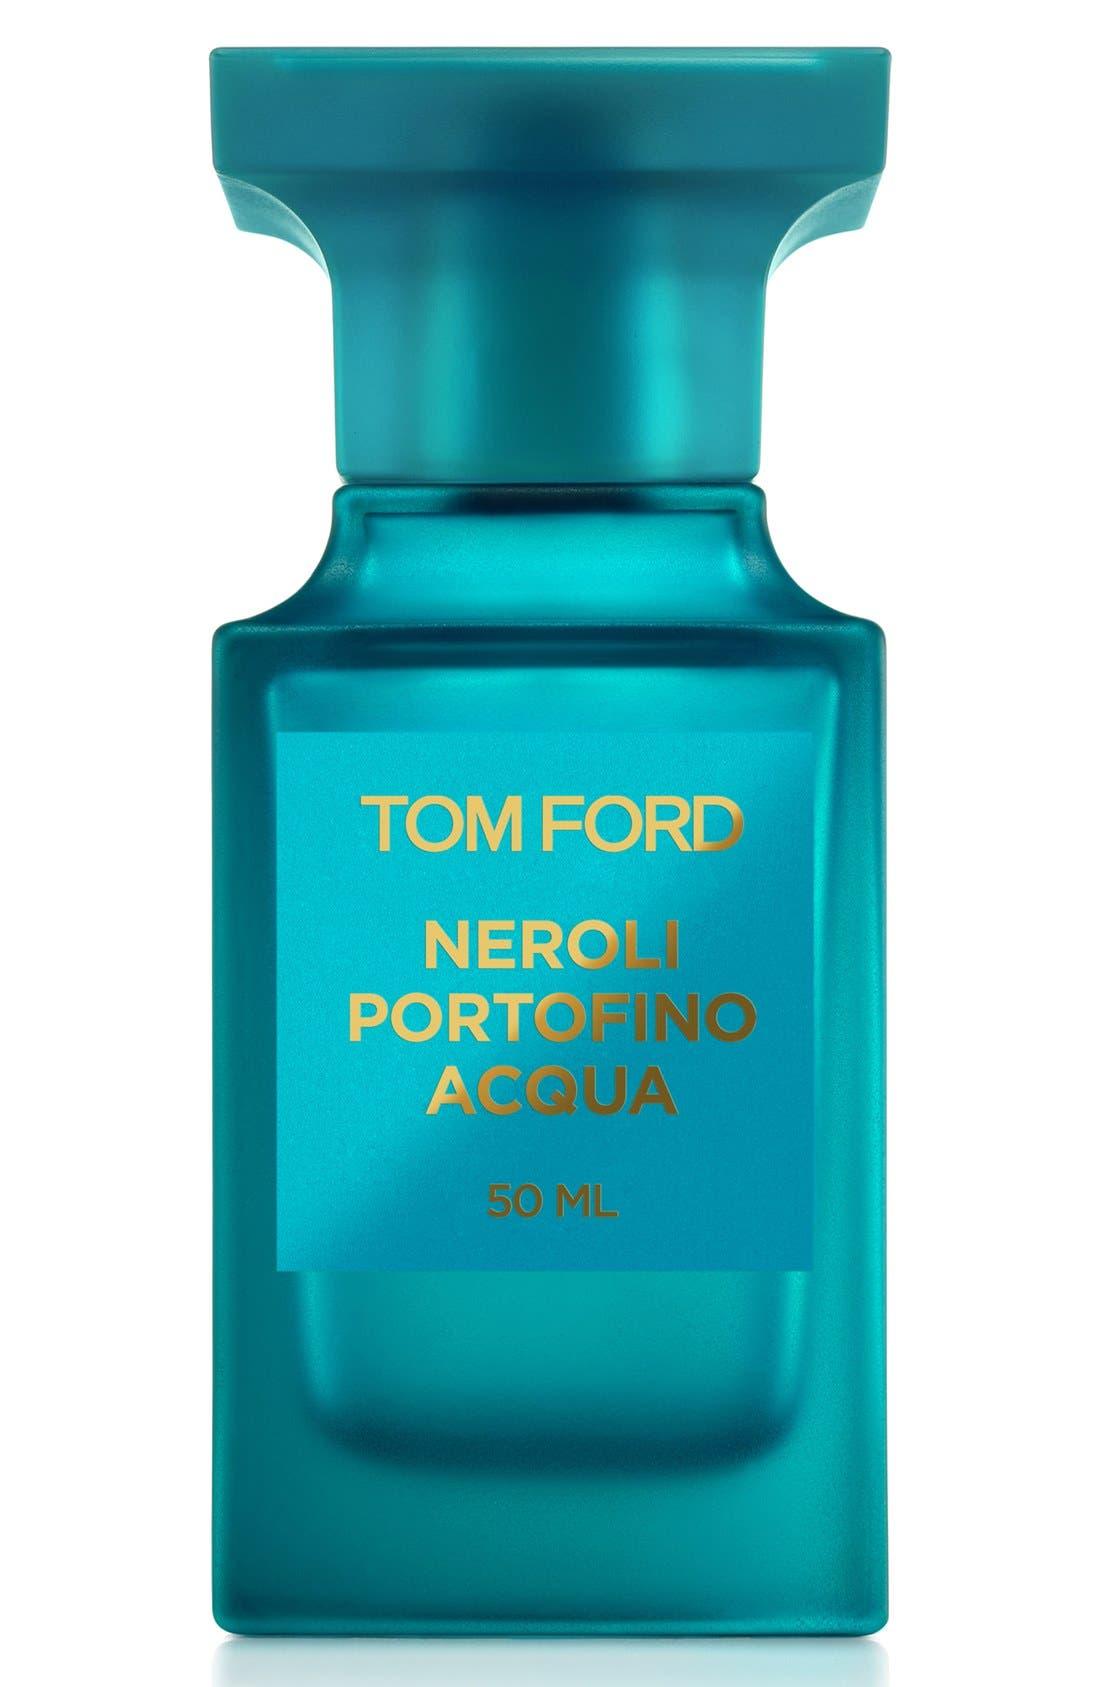 TOM FORD Private Blend Neroli Portofino Acqua Eau de Toilette, Main, color, NO COLOR